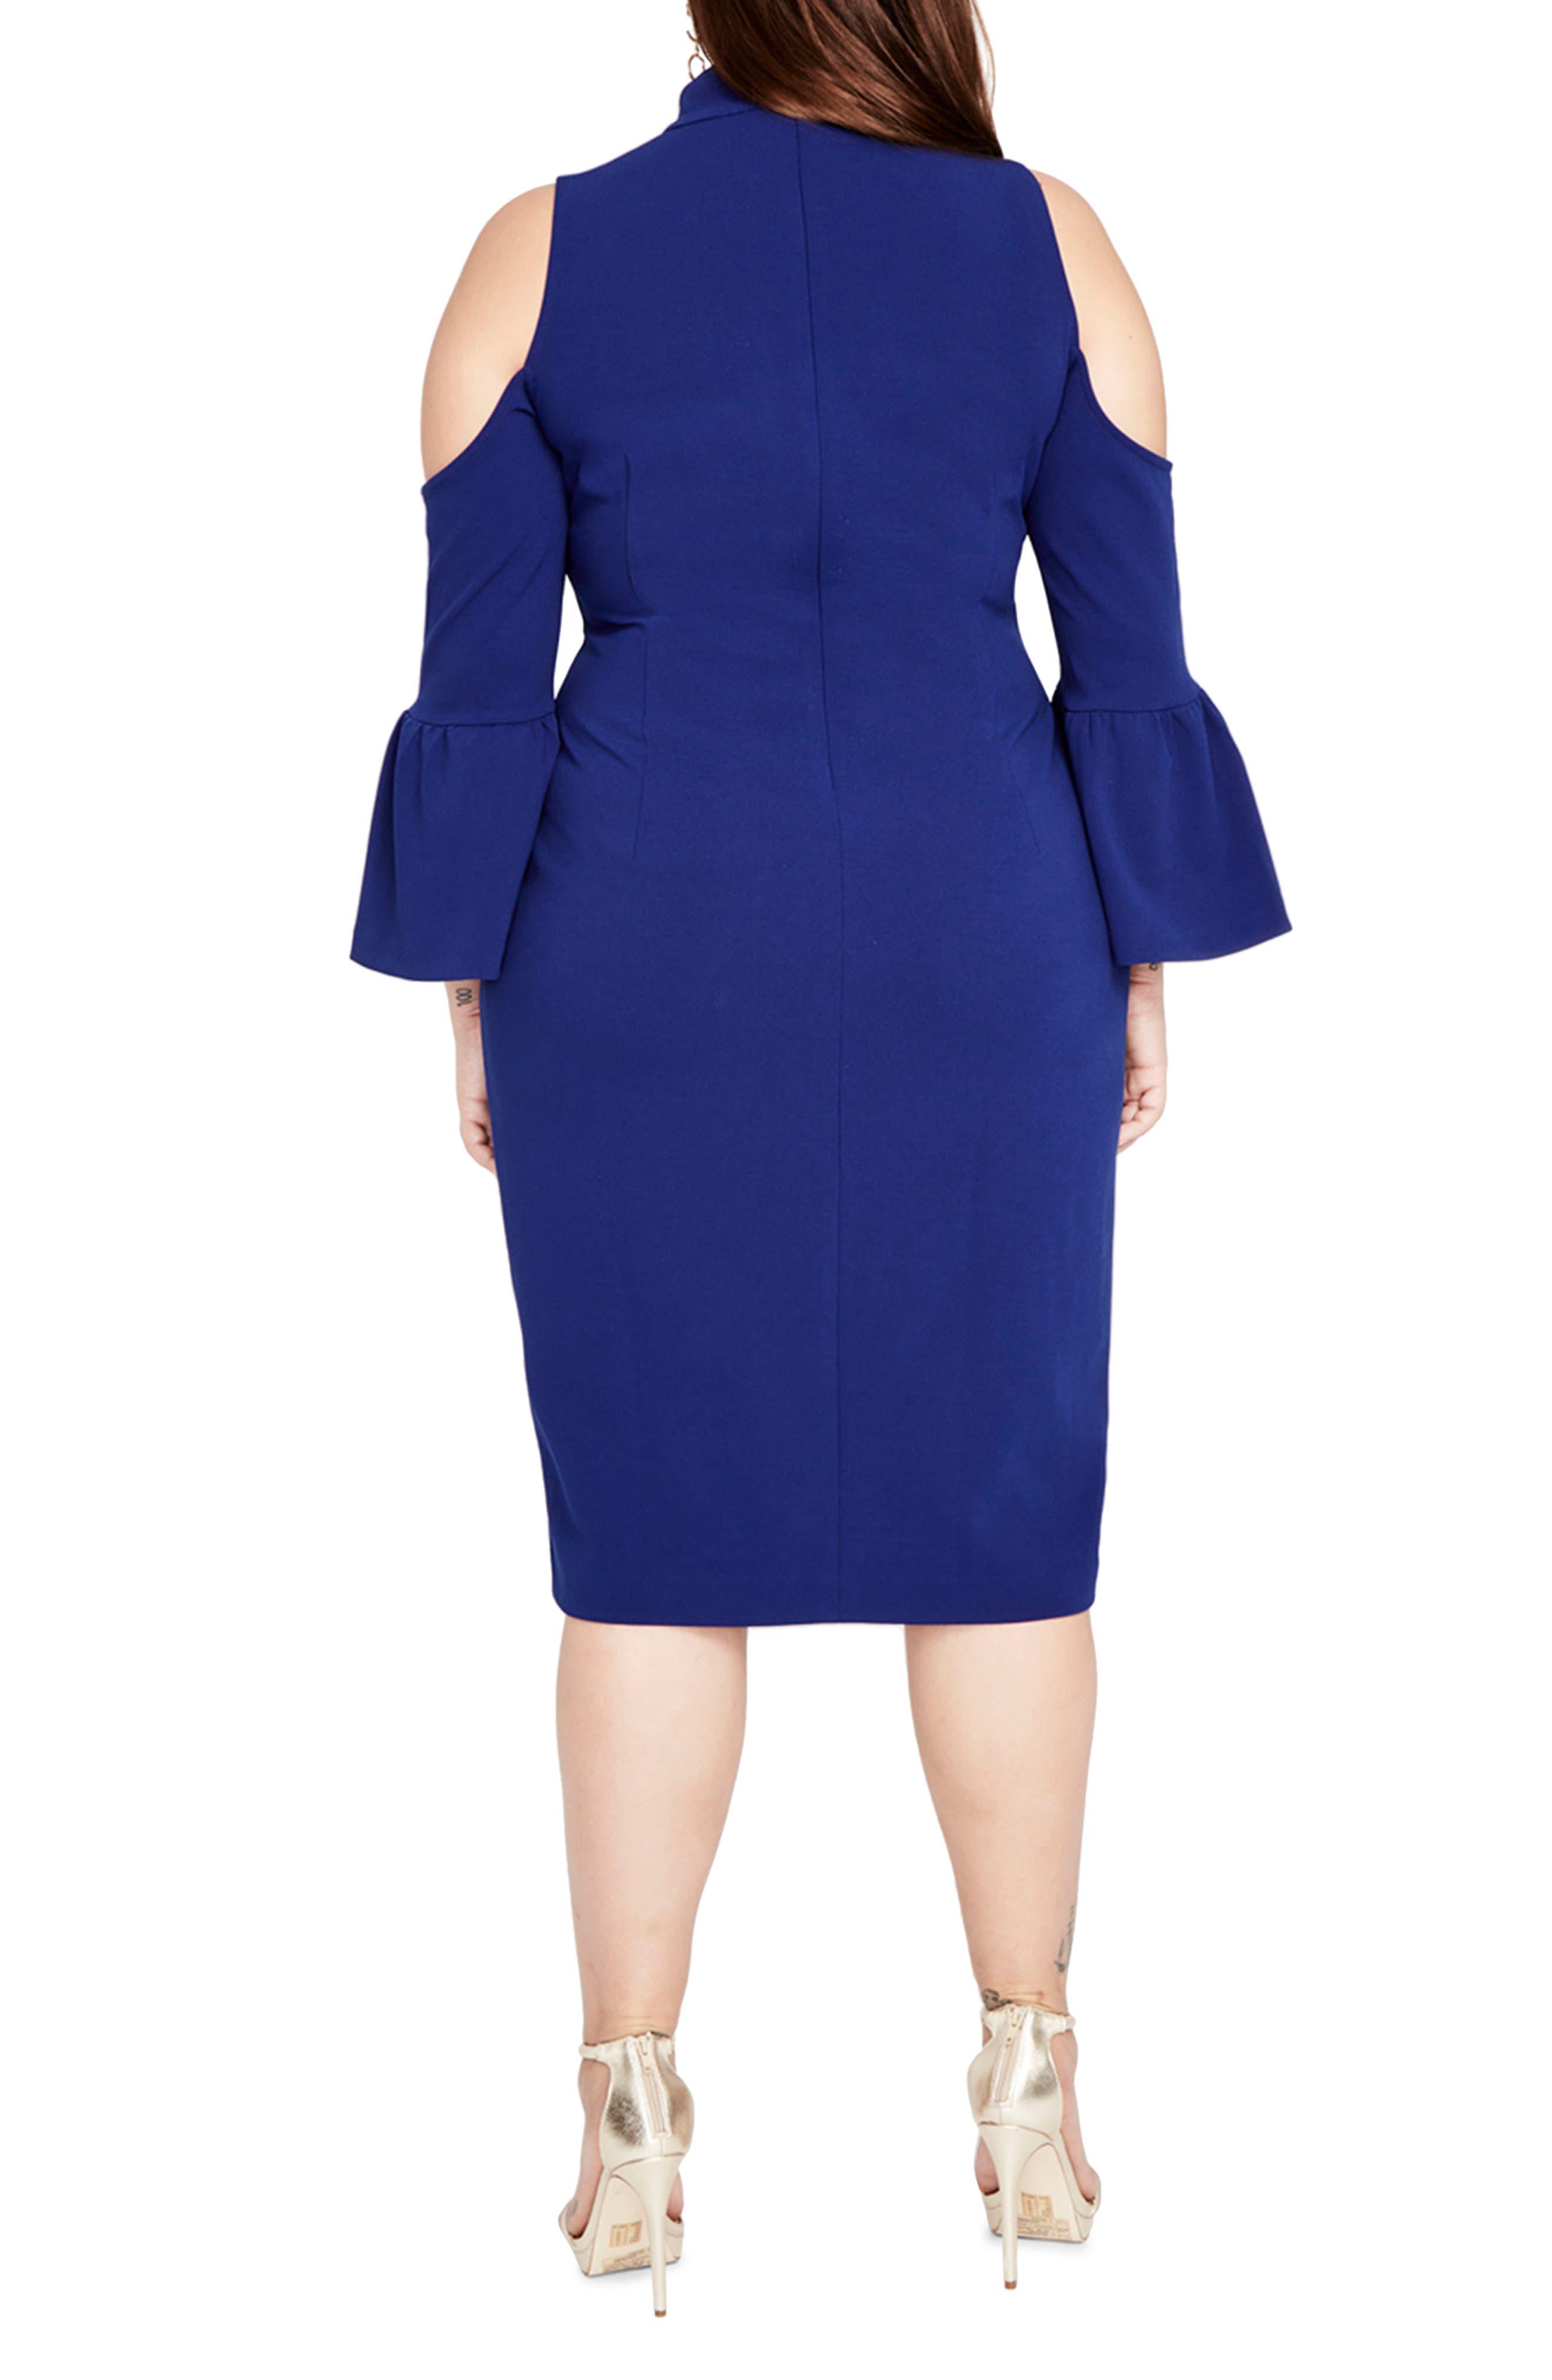 Alternate Image 2  - RACHEL Rachel Roy Cold Shoulder Choker Neck Dress (Plus Size)